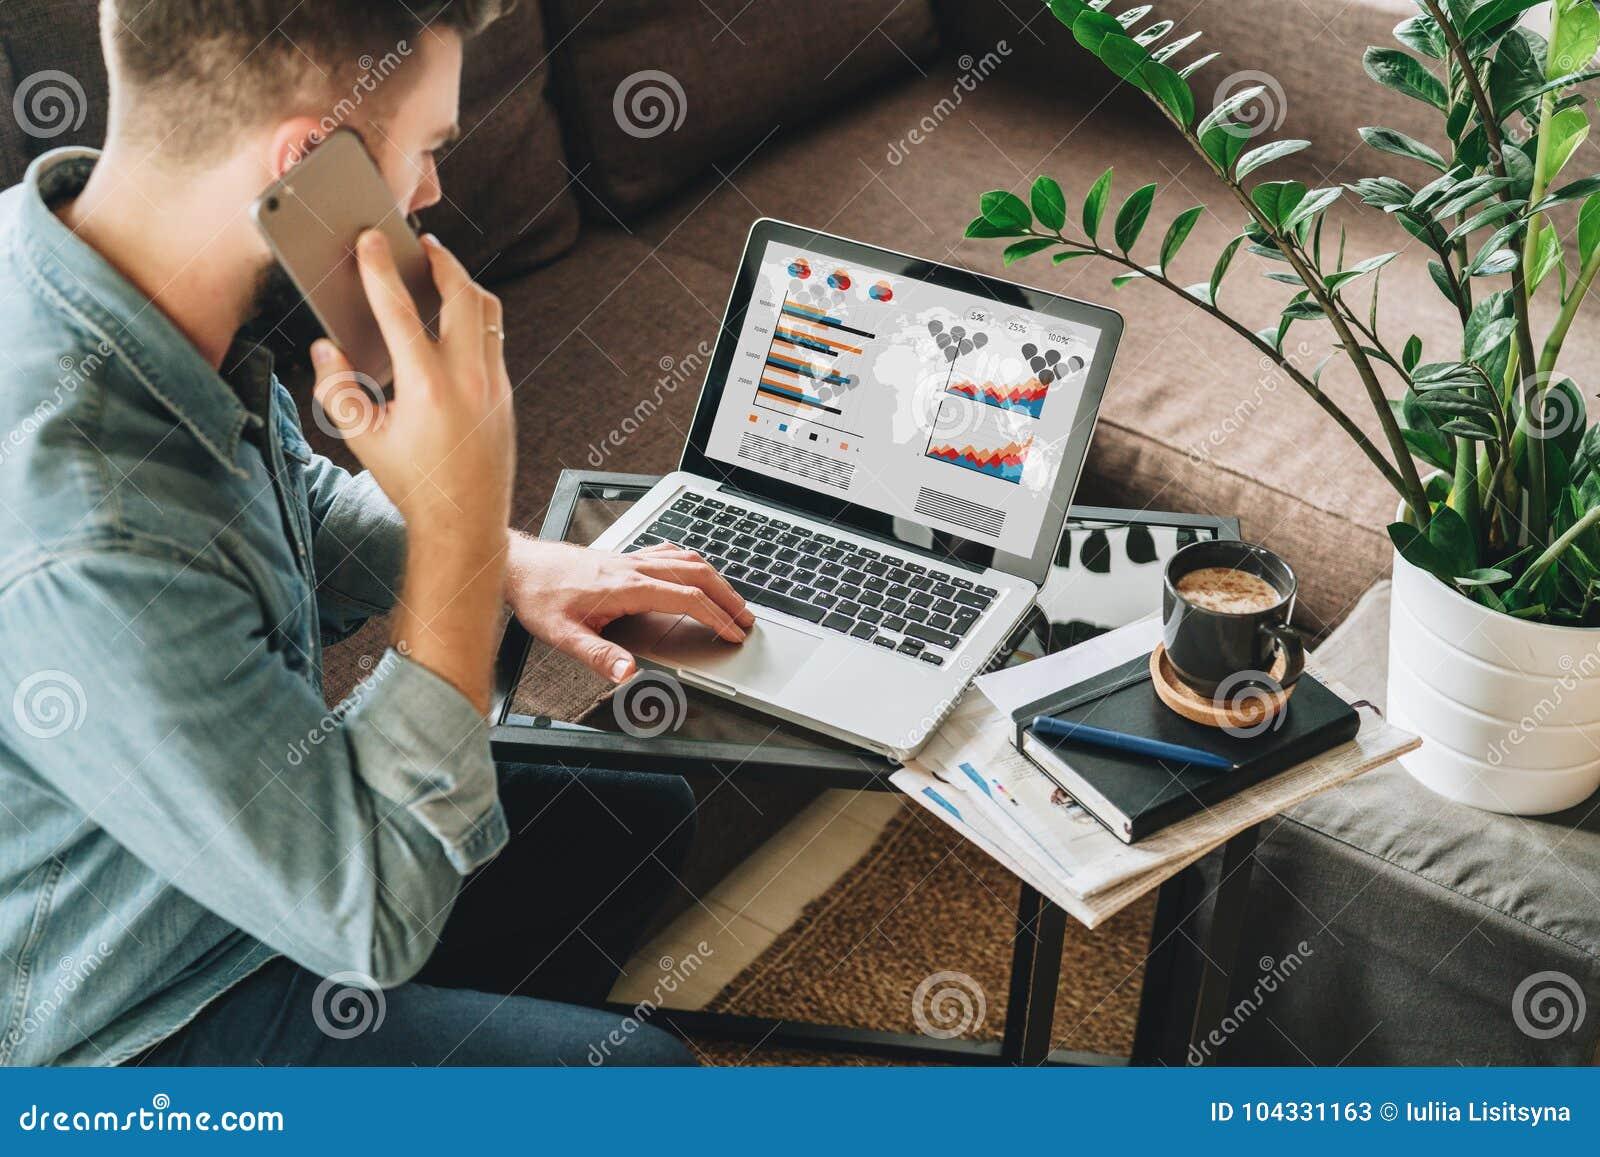 Computer Da Salotto.Il Giovane Vestito In Camicia Si Siede A Casa Sullo Strato